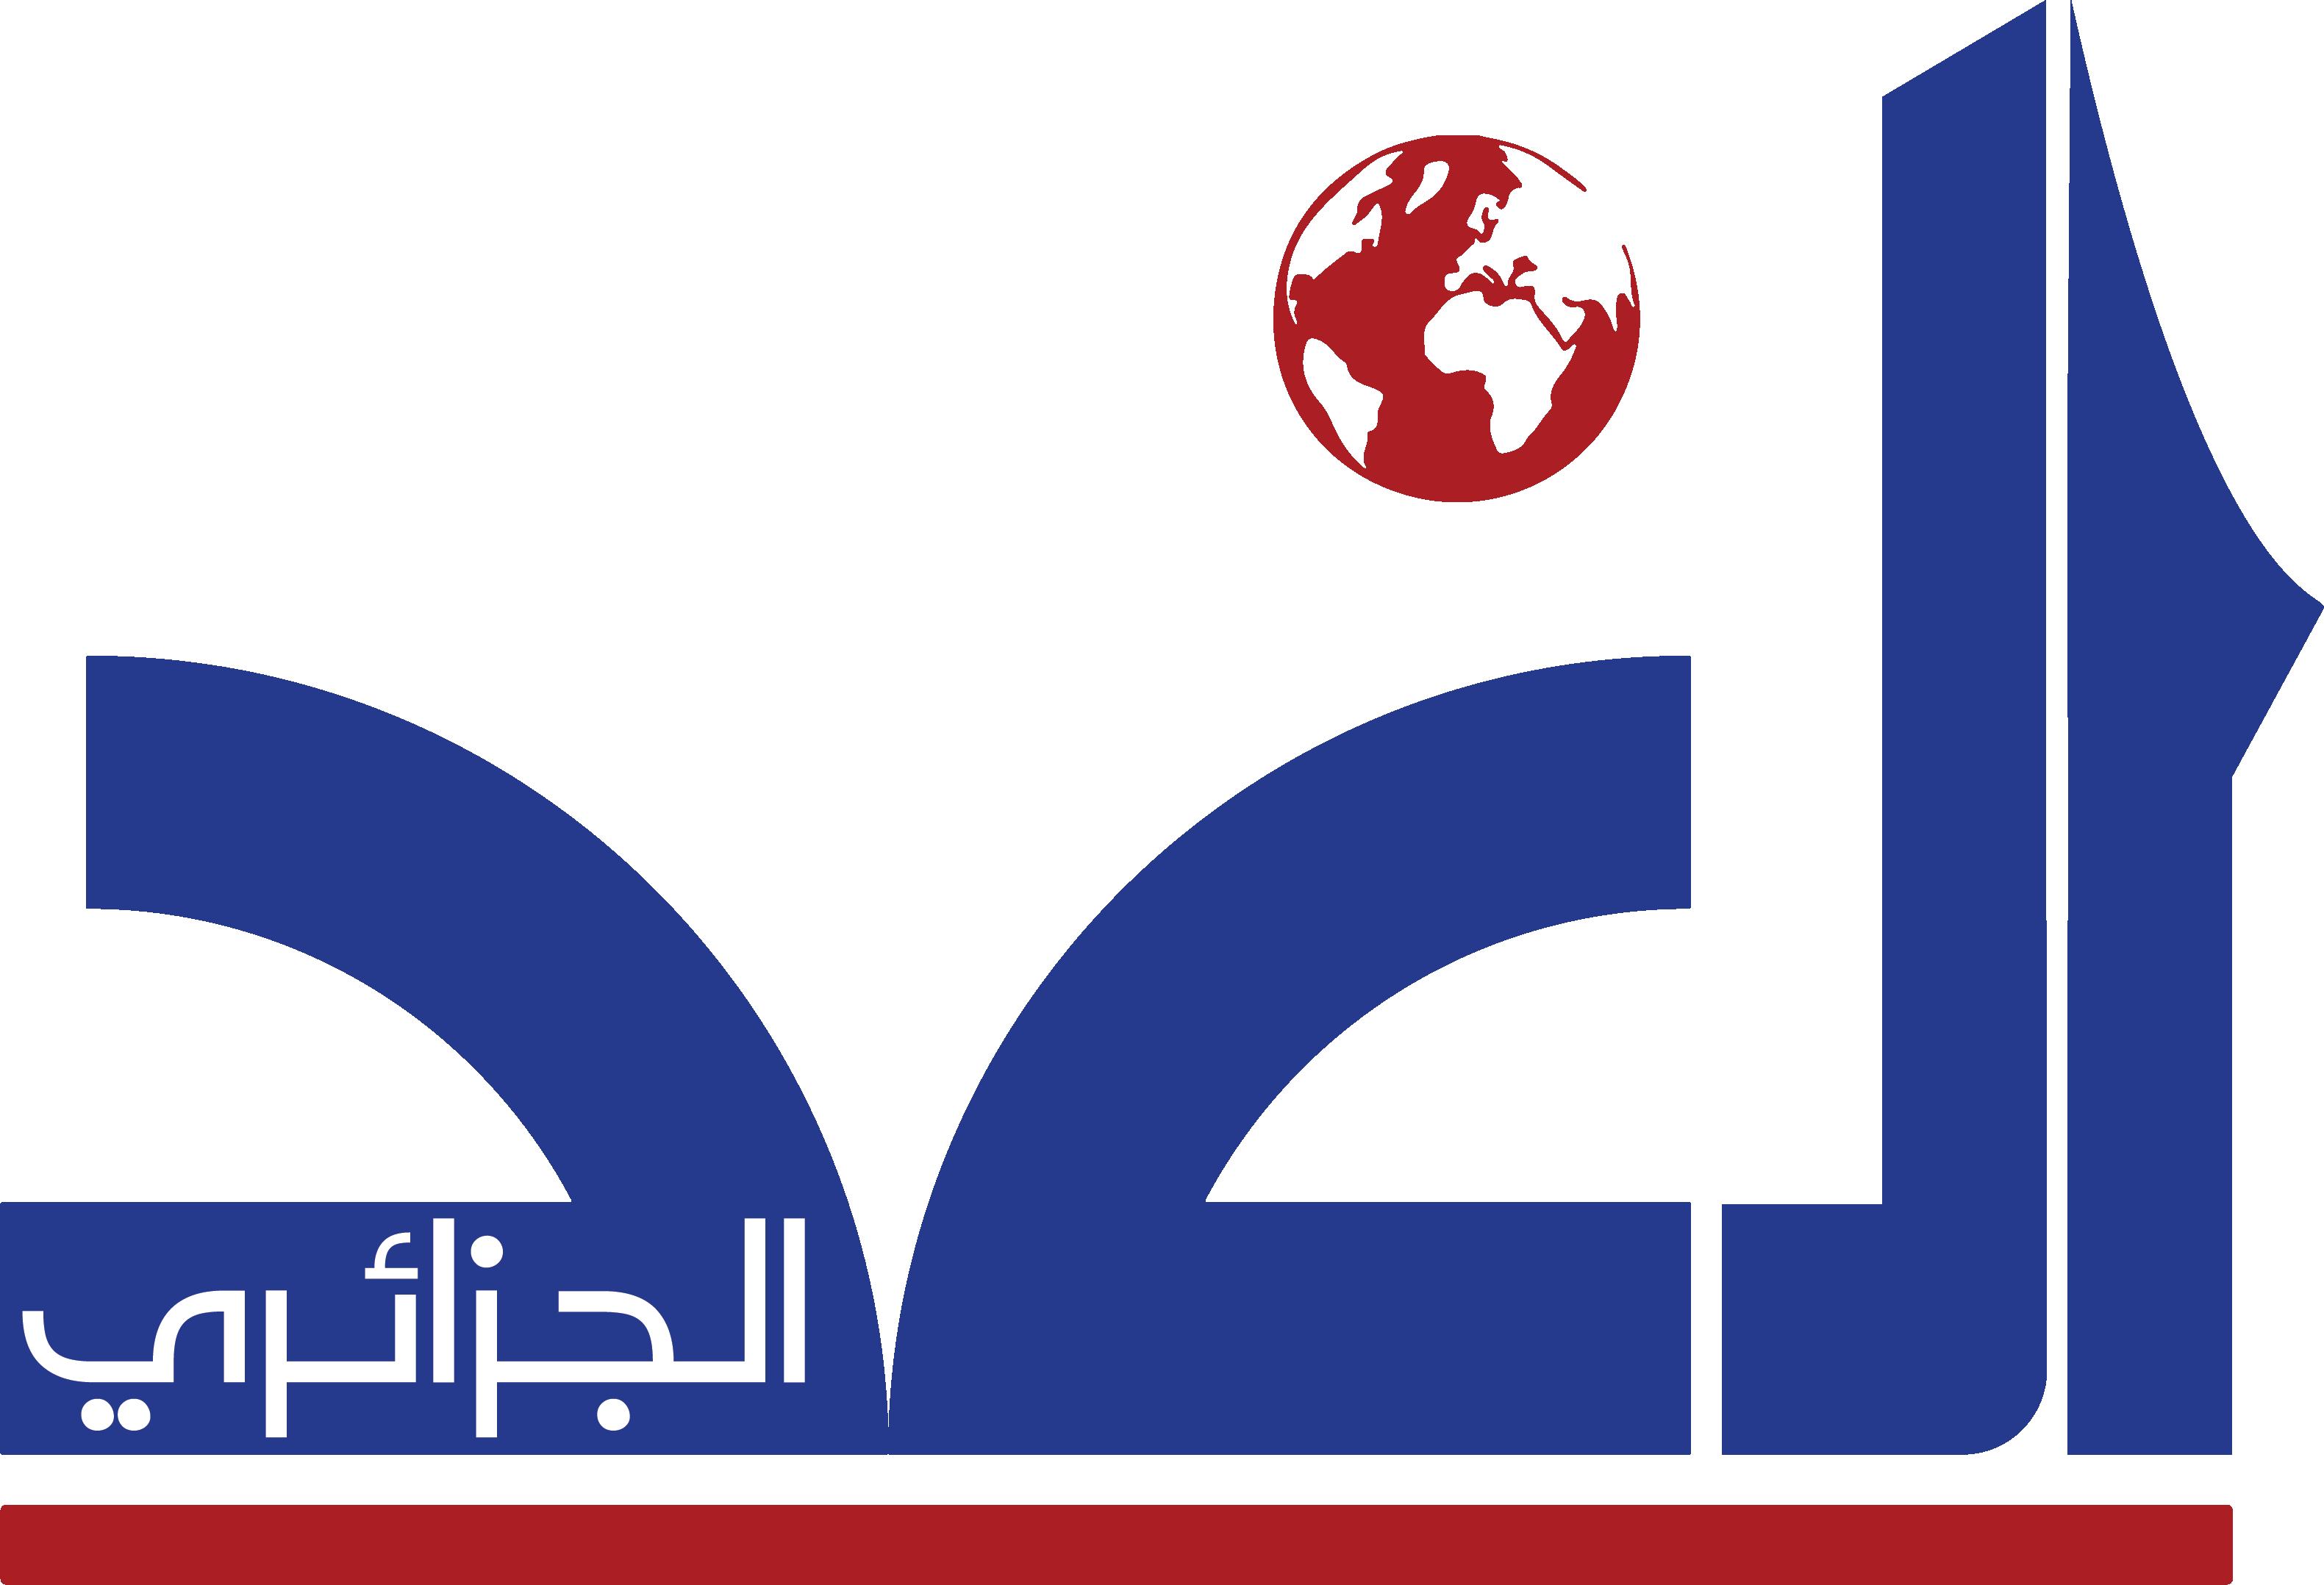 موقع الغد الجزائري